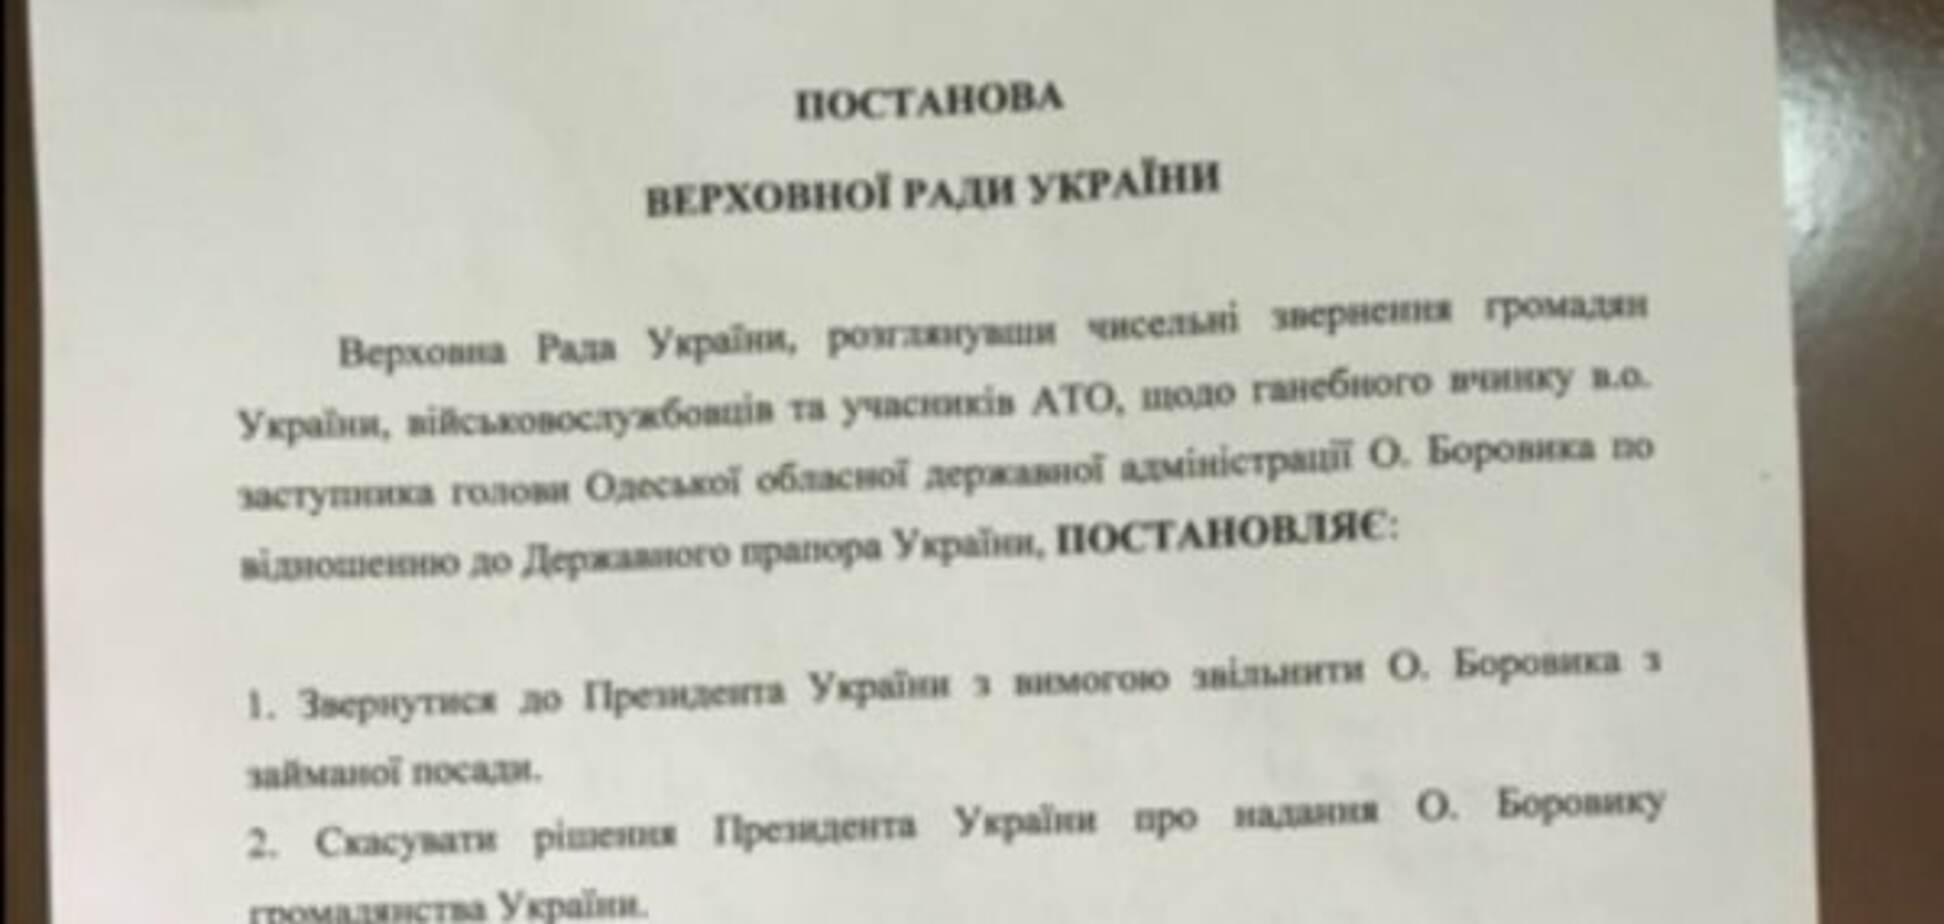 подписи, Саша Боровик